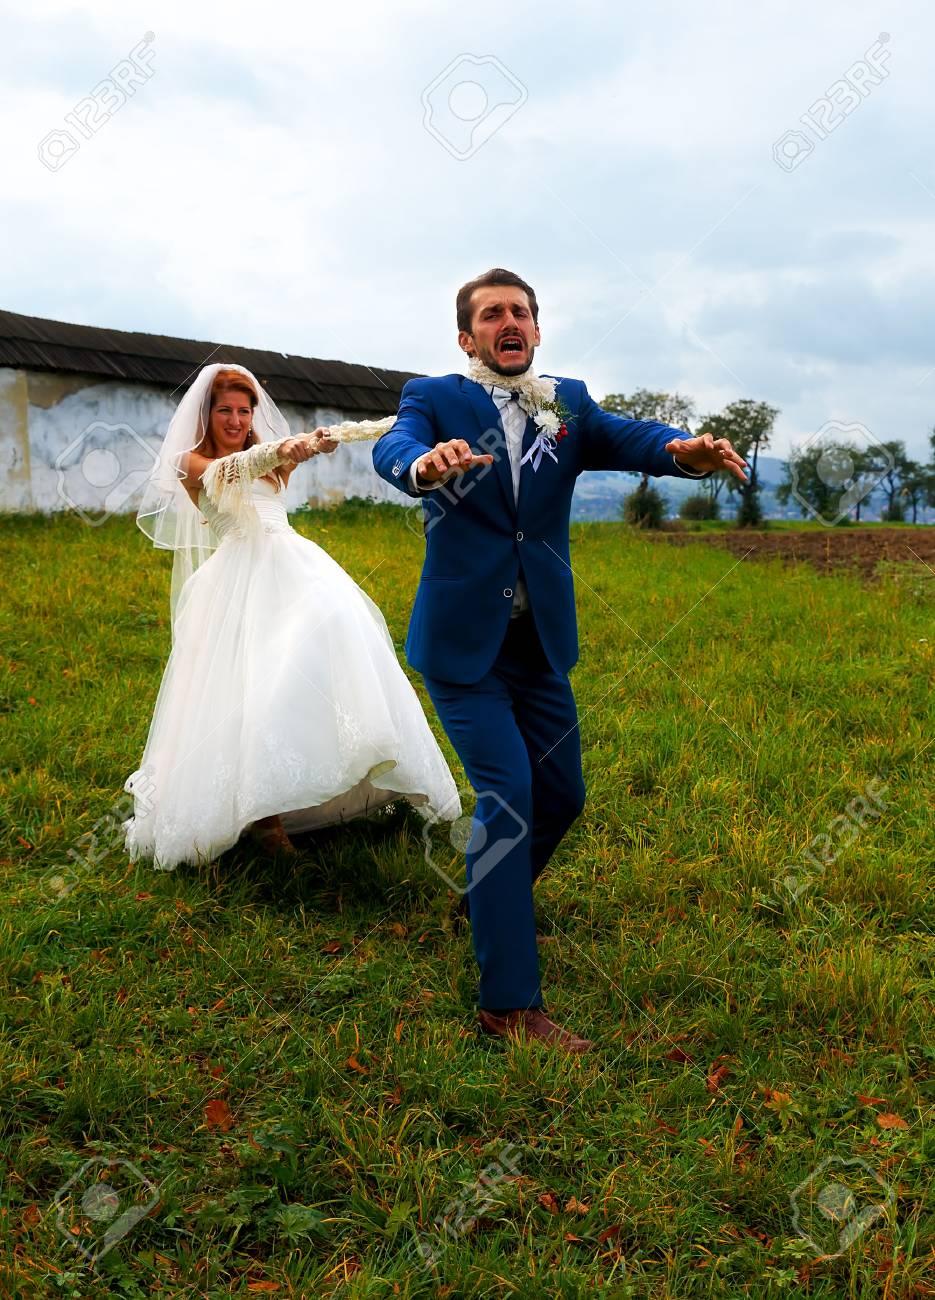 Braut Ihren Brautigam Zu Ihr Mit Einem Seil Ziehen Lustige